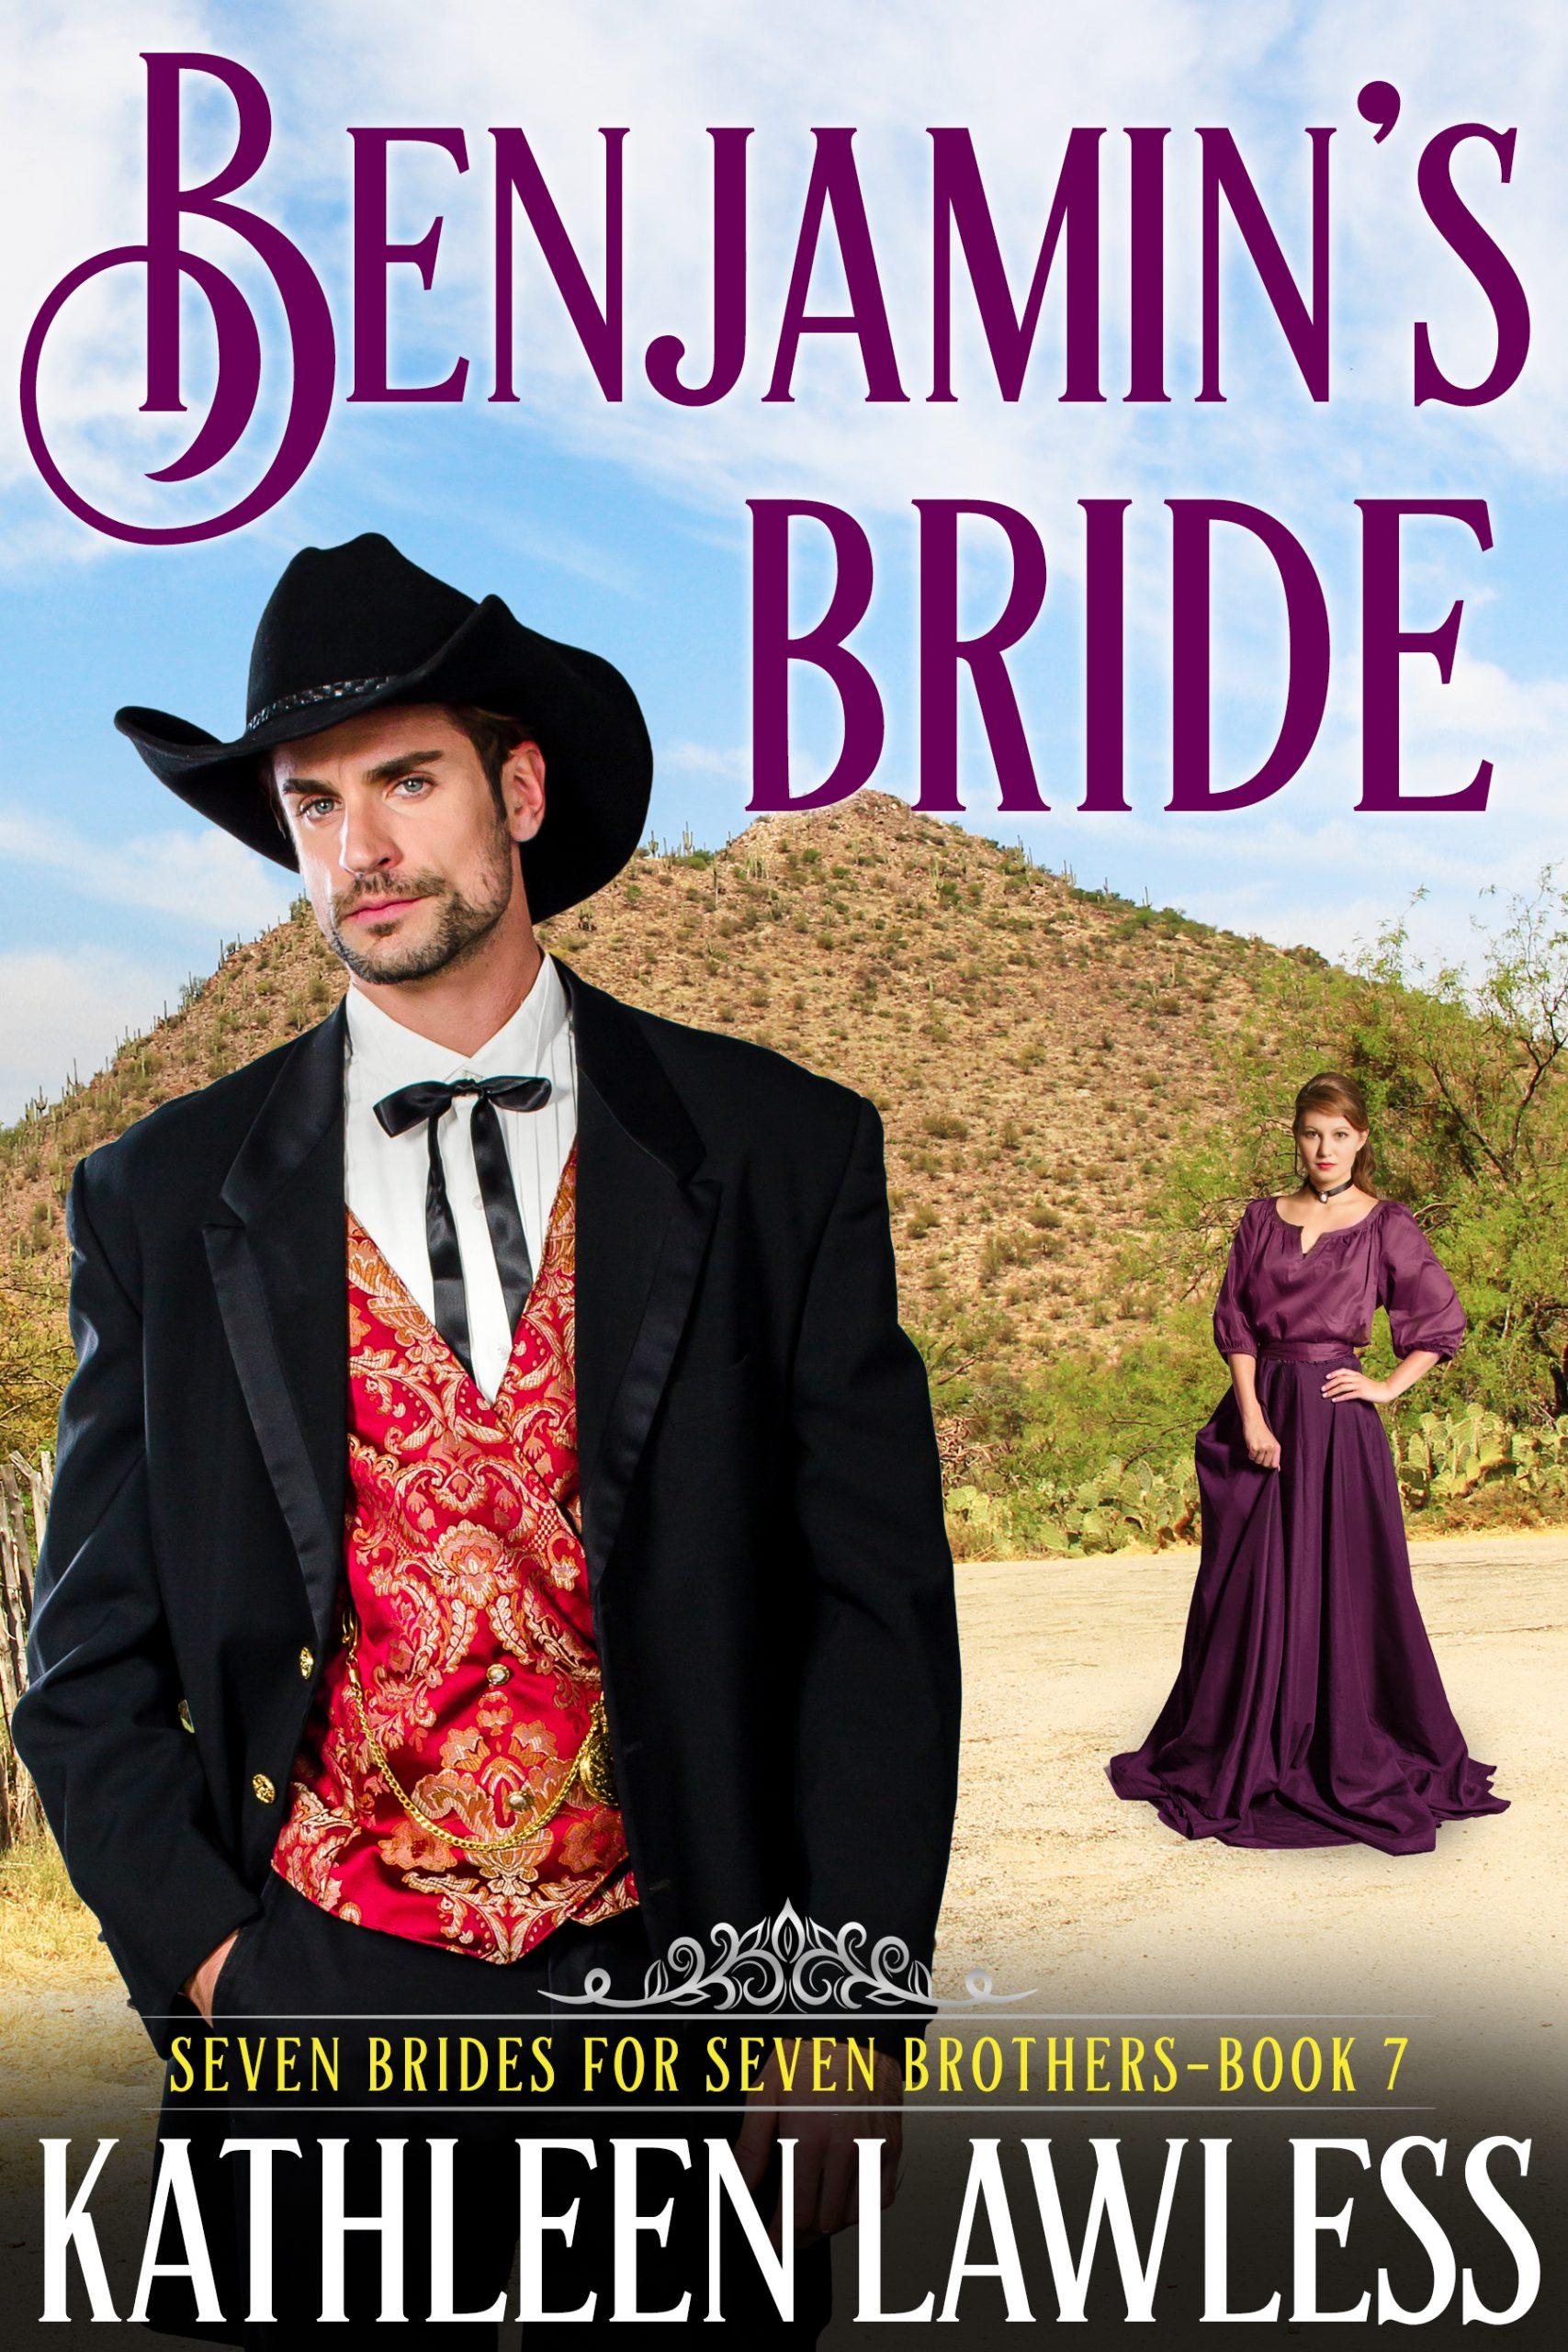 Benjamin's Bride by Kathleen Lawless